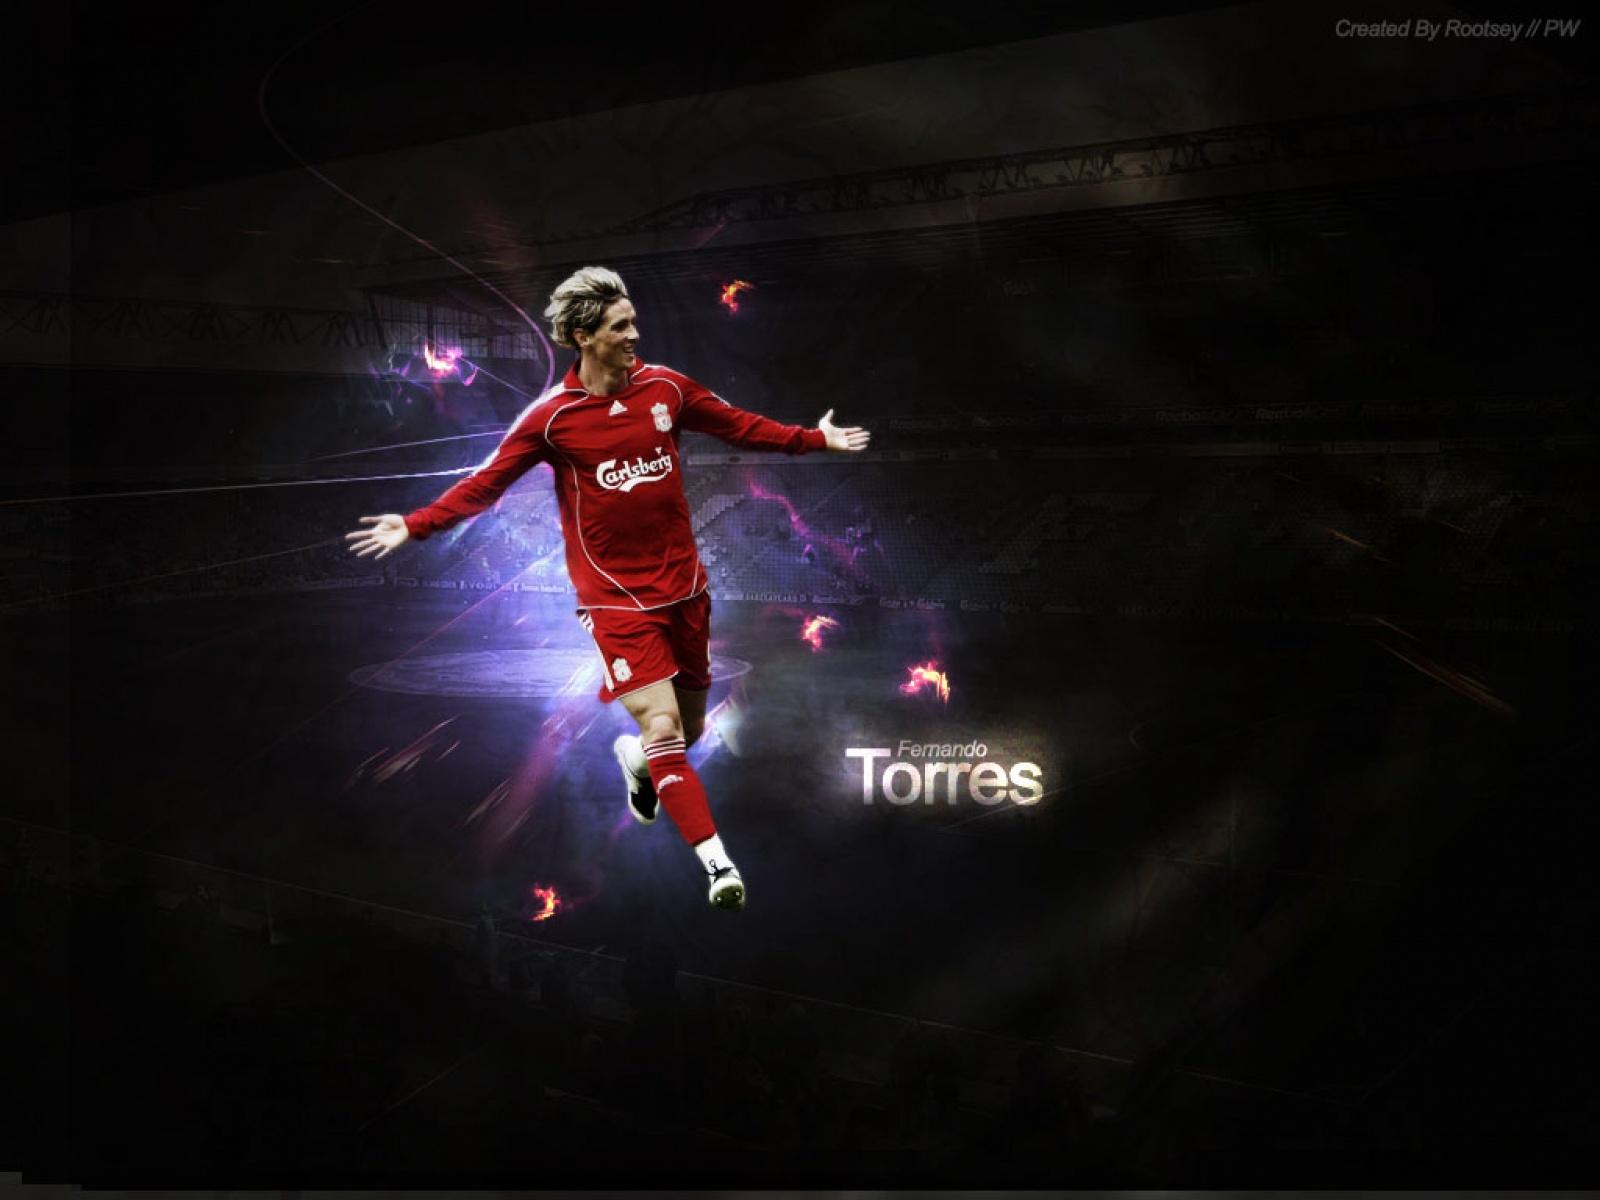 http://4.bp.blogspot.com/-CNvgfgK1C98/T5lOpneGKMI/AAAAAAAABKc/ZEKimyx1U14/s1600/Fernando-Torres-Liverpool-Wallpapers%252B2012%252B.jpg